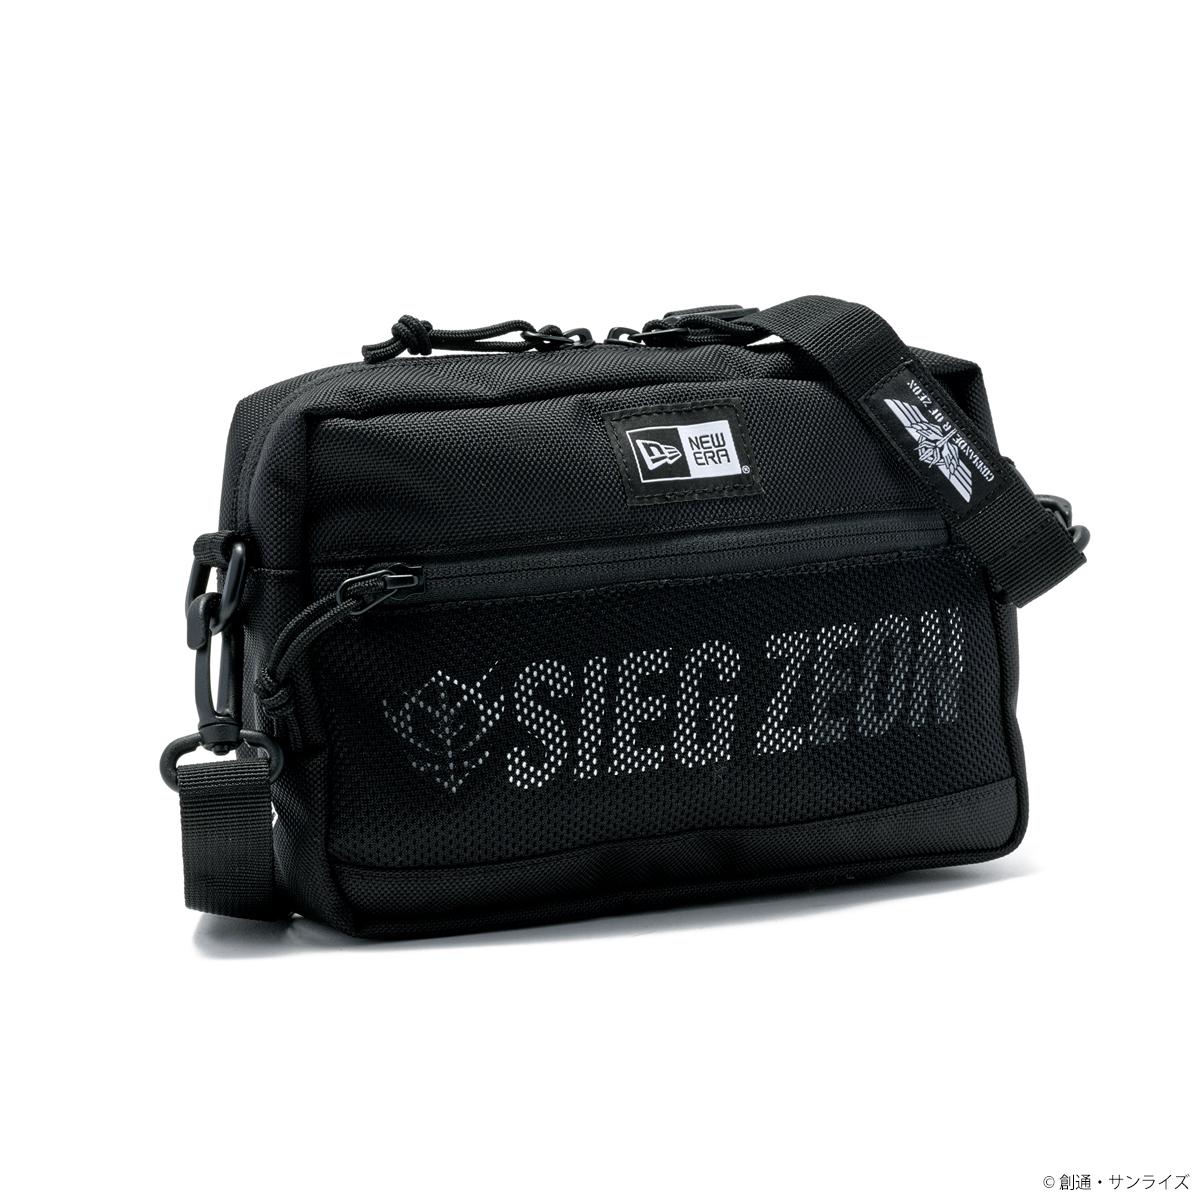 『機動戦士ガンダム』×「NEW ERAⓇ」オールブラックのSIEG ZEONコレクション発売!